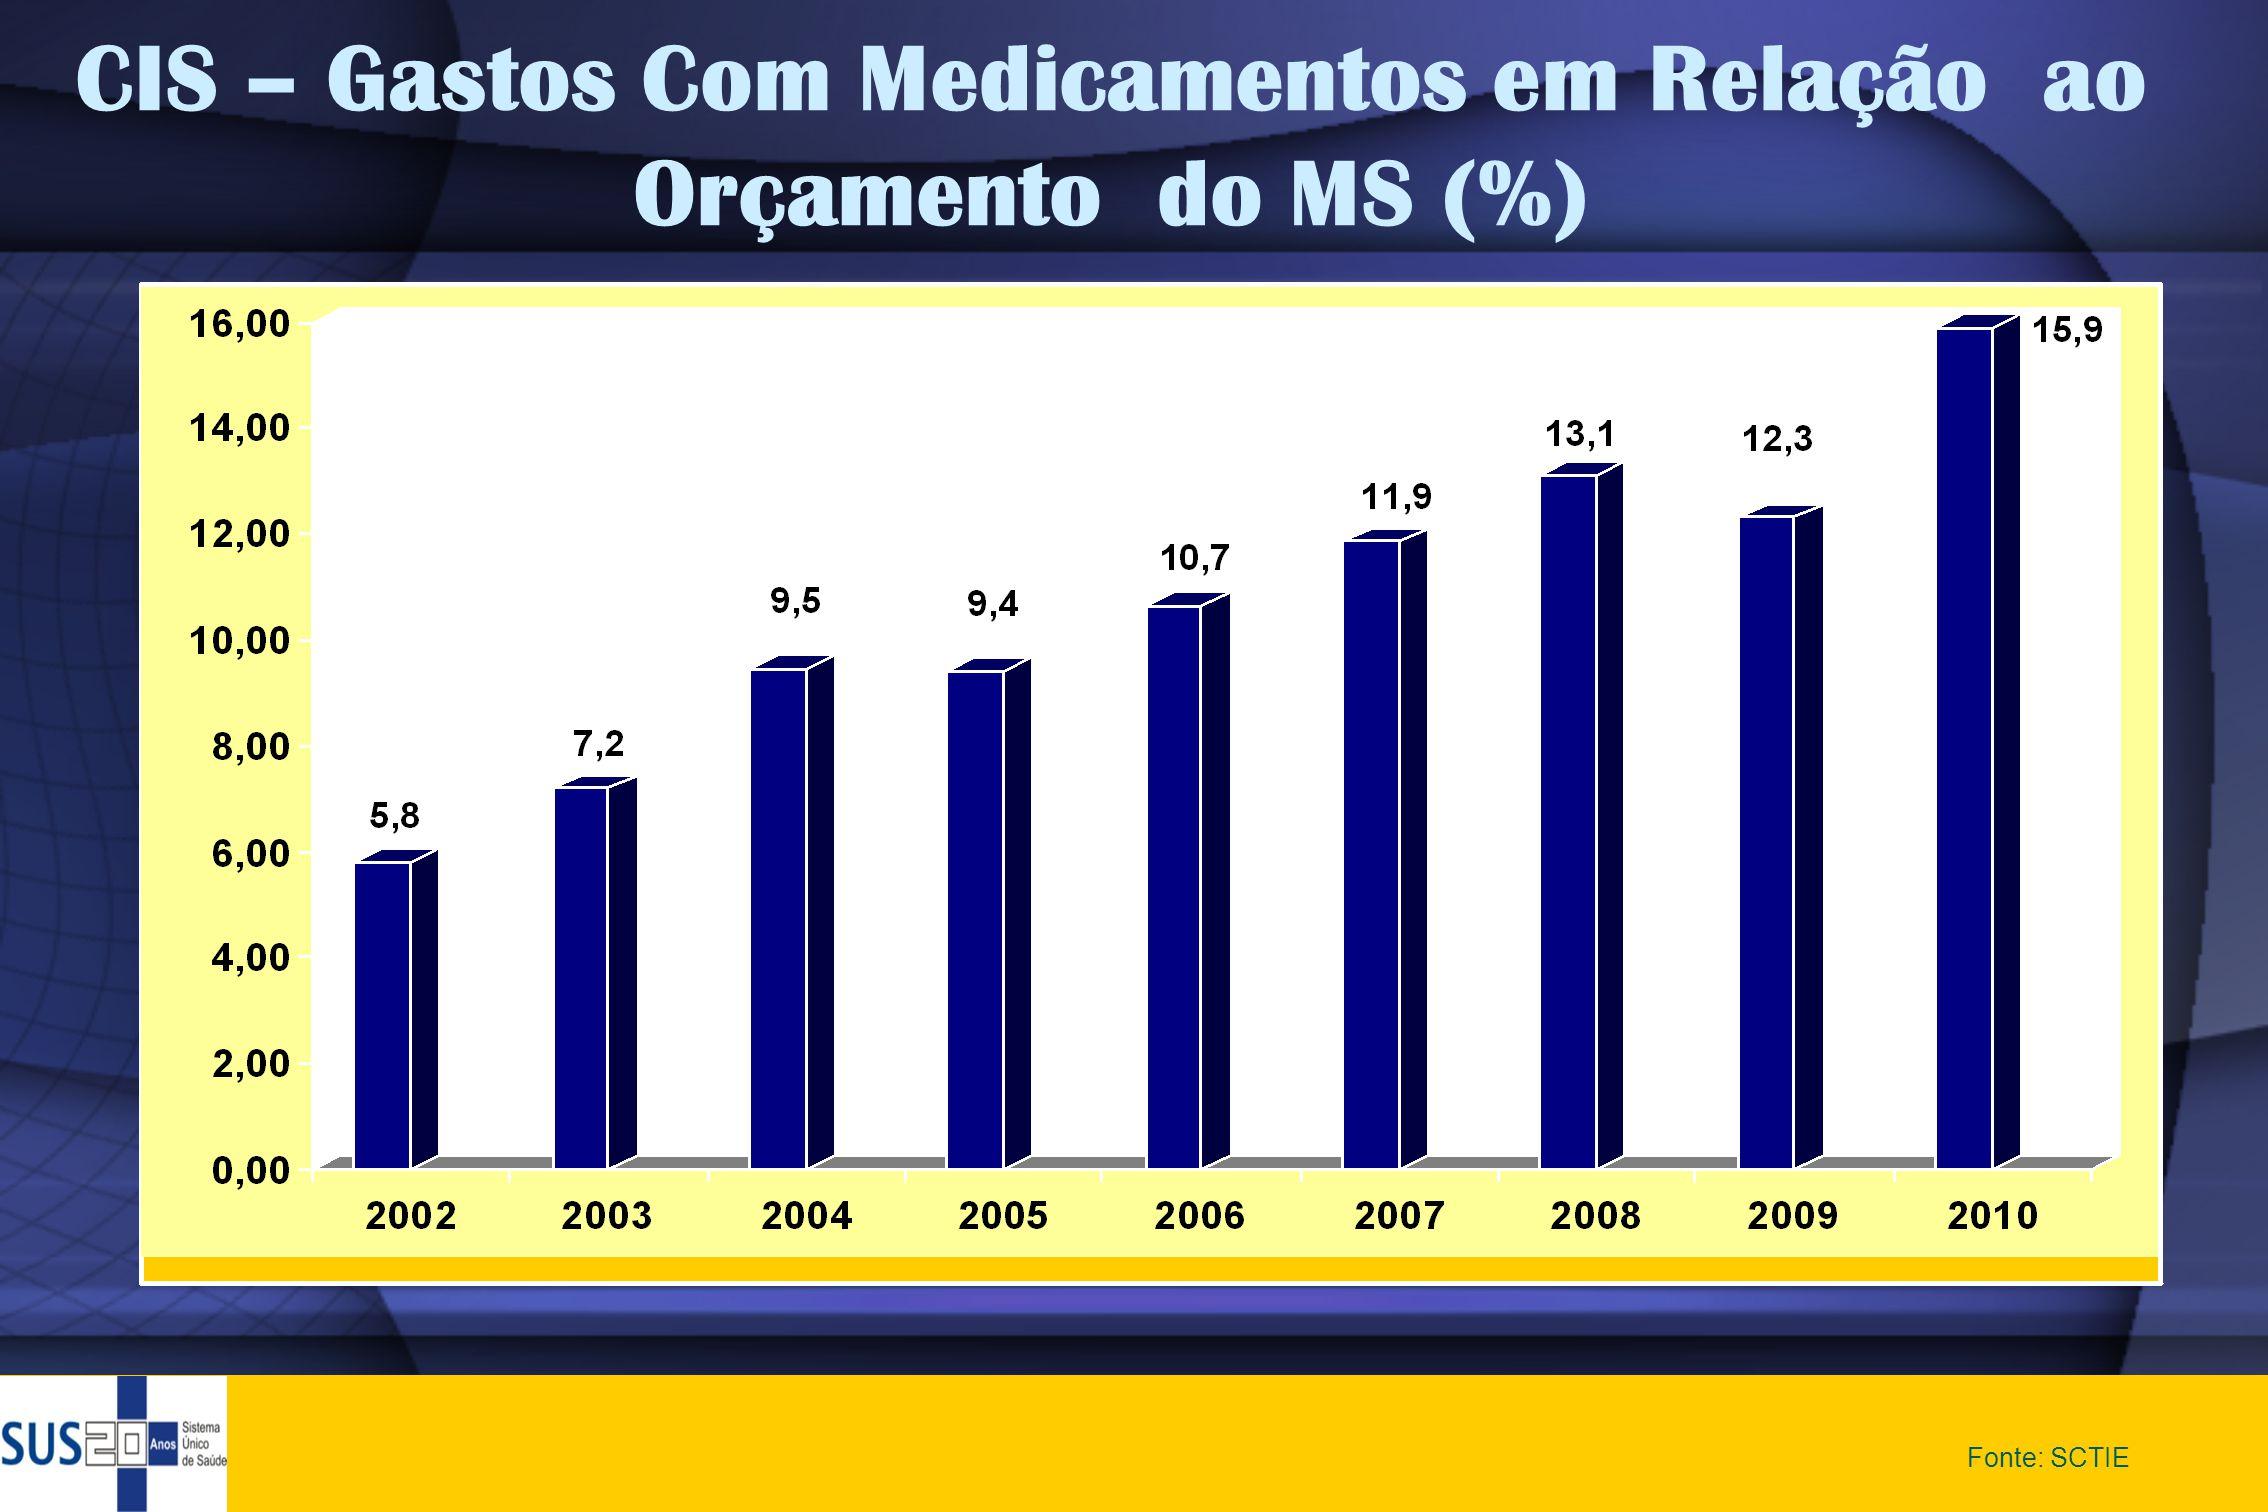 CIS – Gastos Com Medicamentos em Relação ao Orçamento do MS (%)